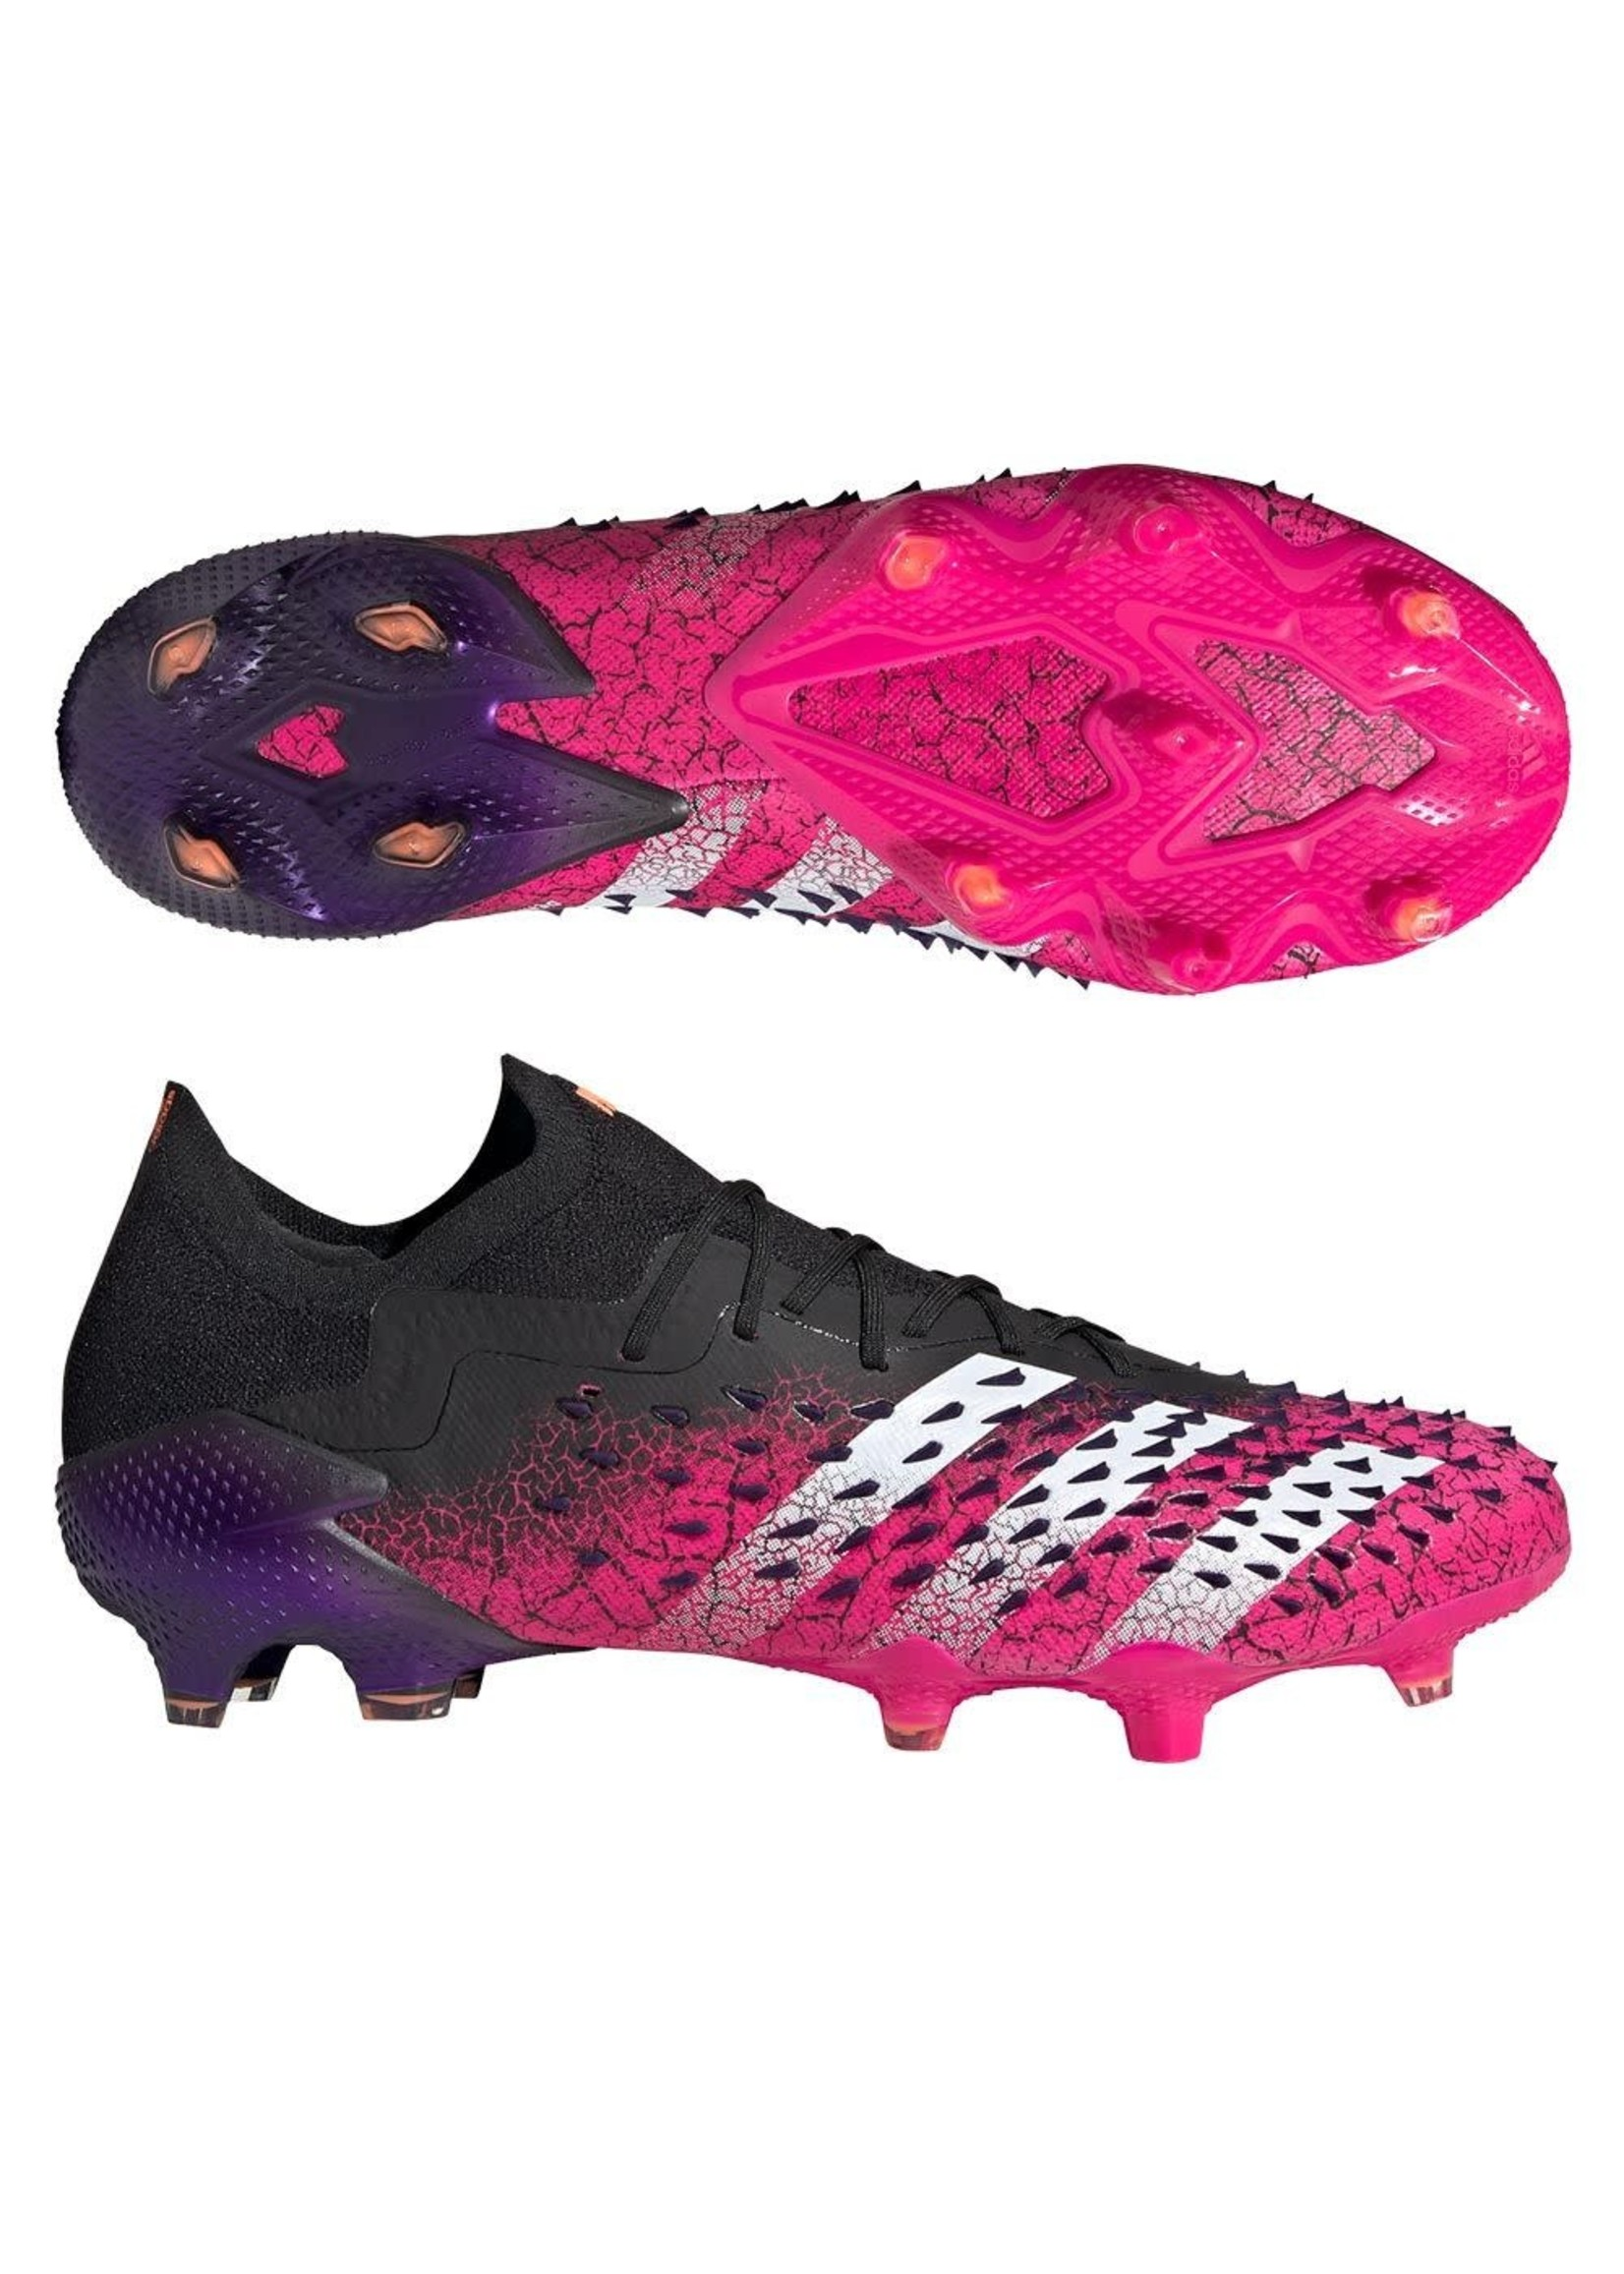 Adidas PREDATOR FREAK.1 L FG